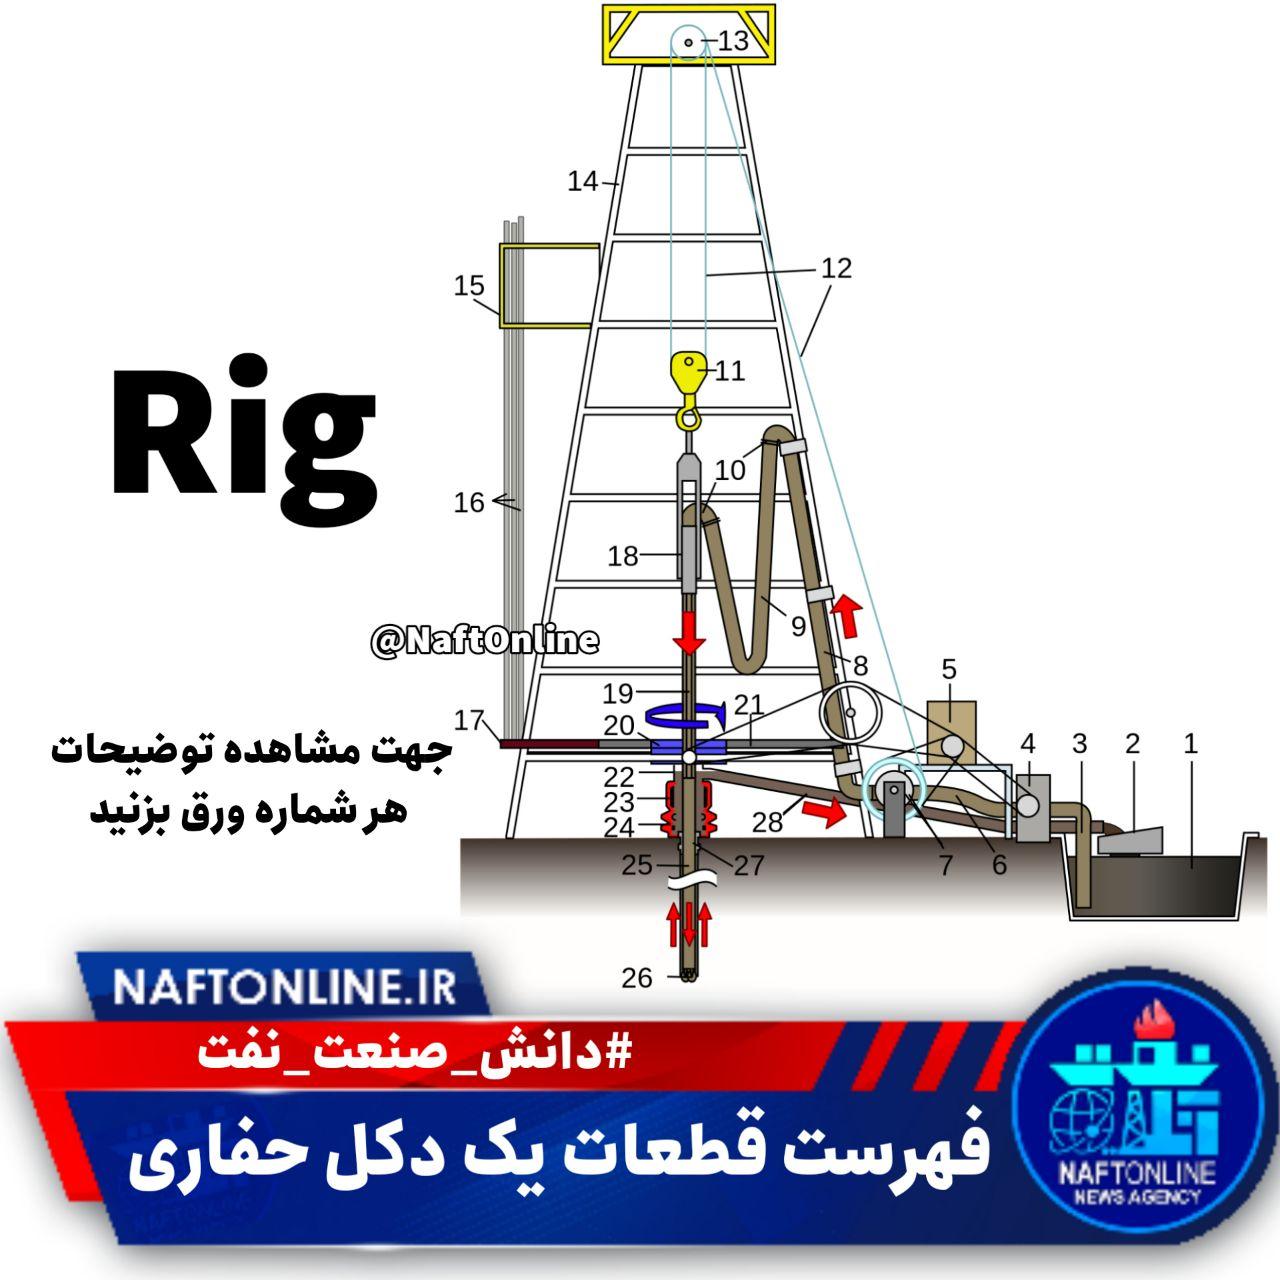 ساختار یک دستگاه حفاری نفت و گاز | نفت آنلاین